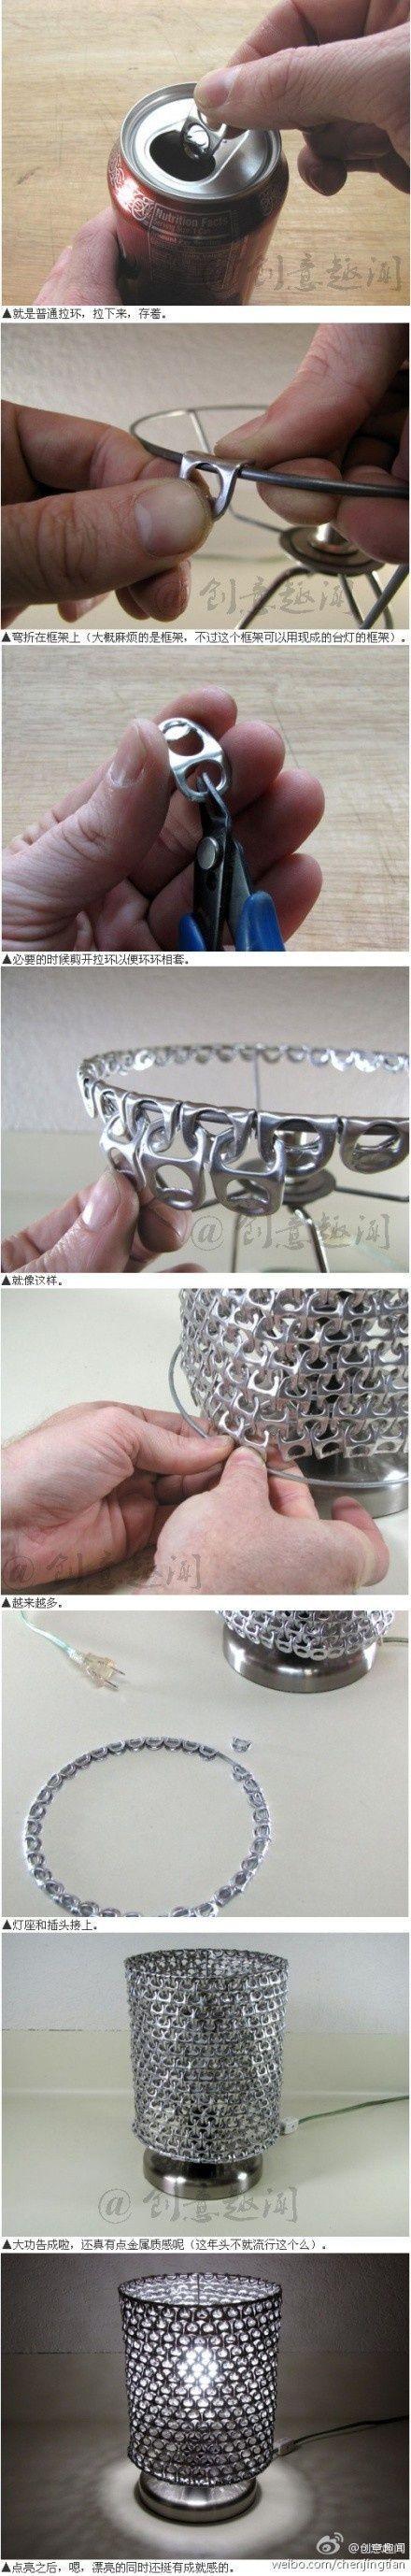 Cambia el aspecto de una lampara , con las anillas de las latas de refrescos.